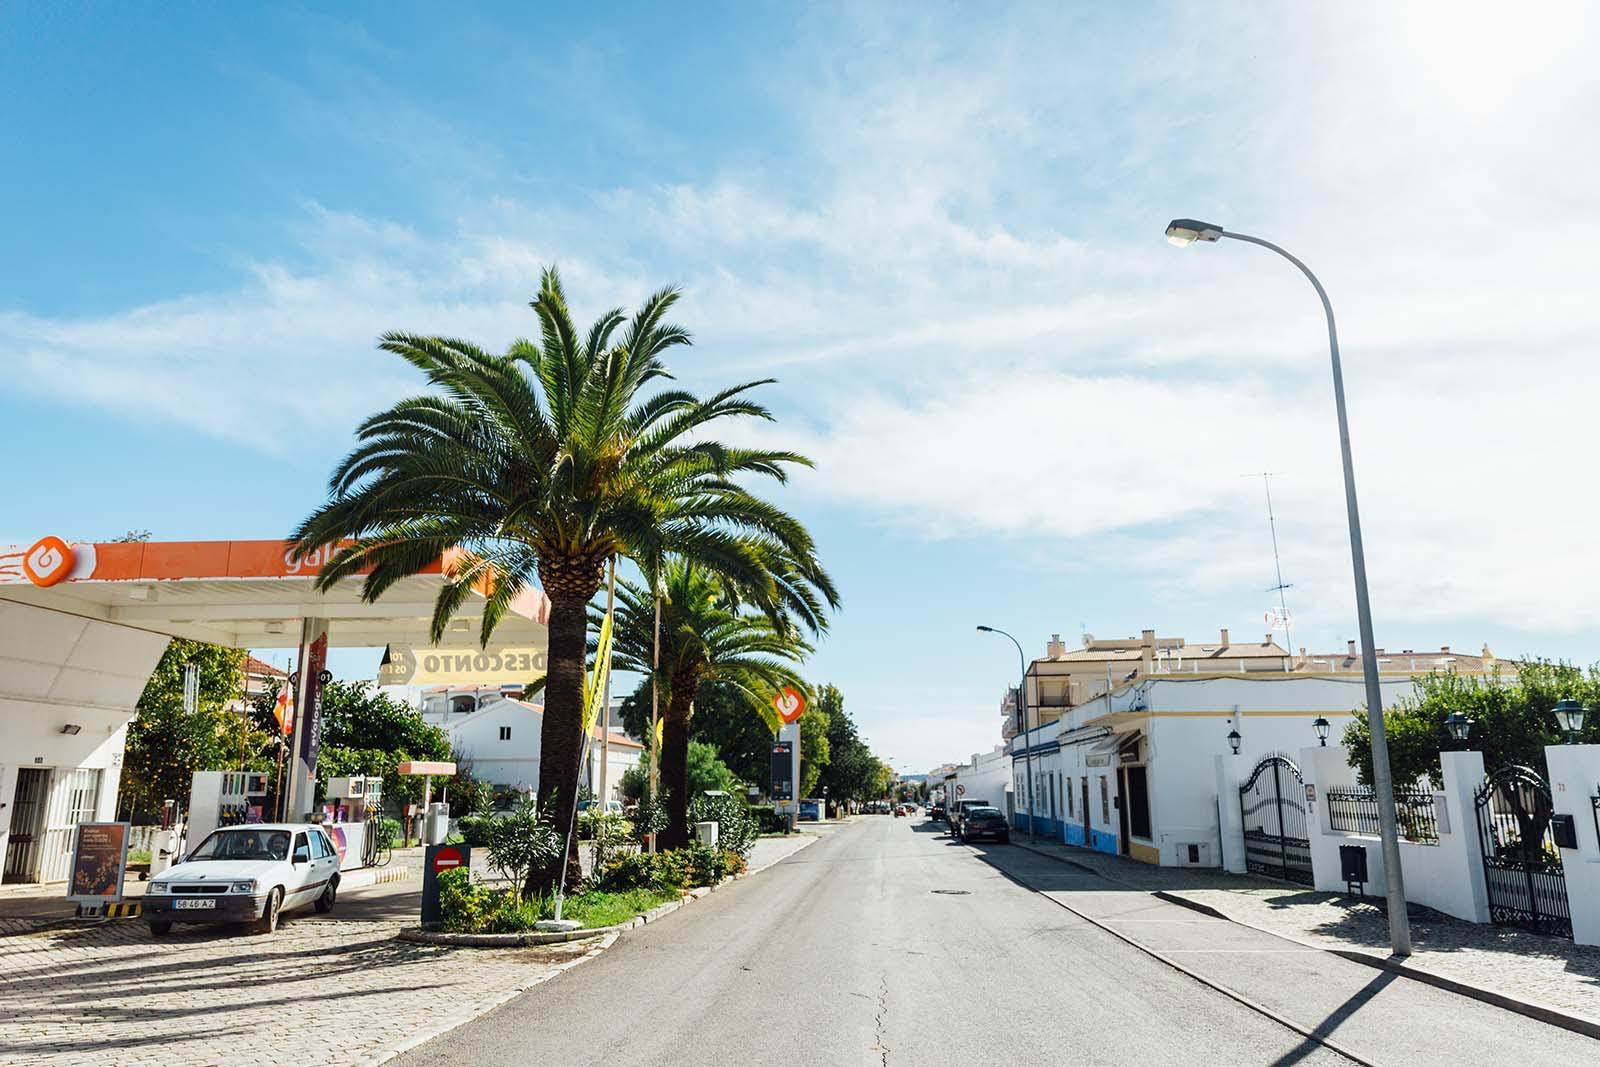 Pequeña comunidad Portuguesa afectada por campamentos libres.